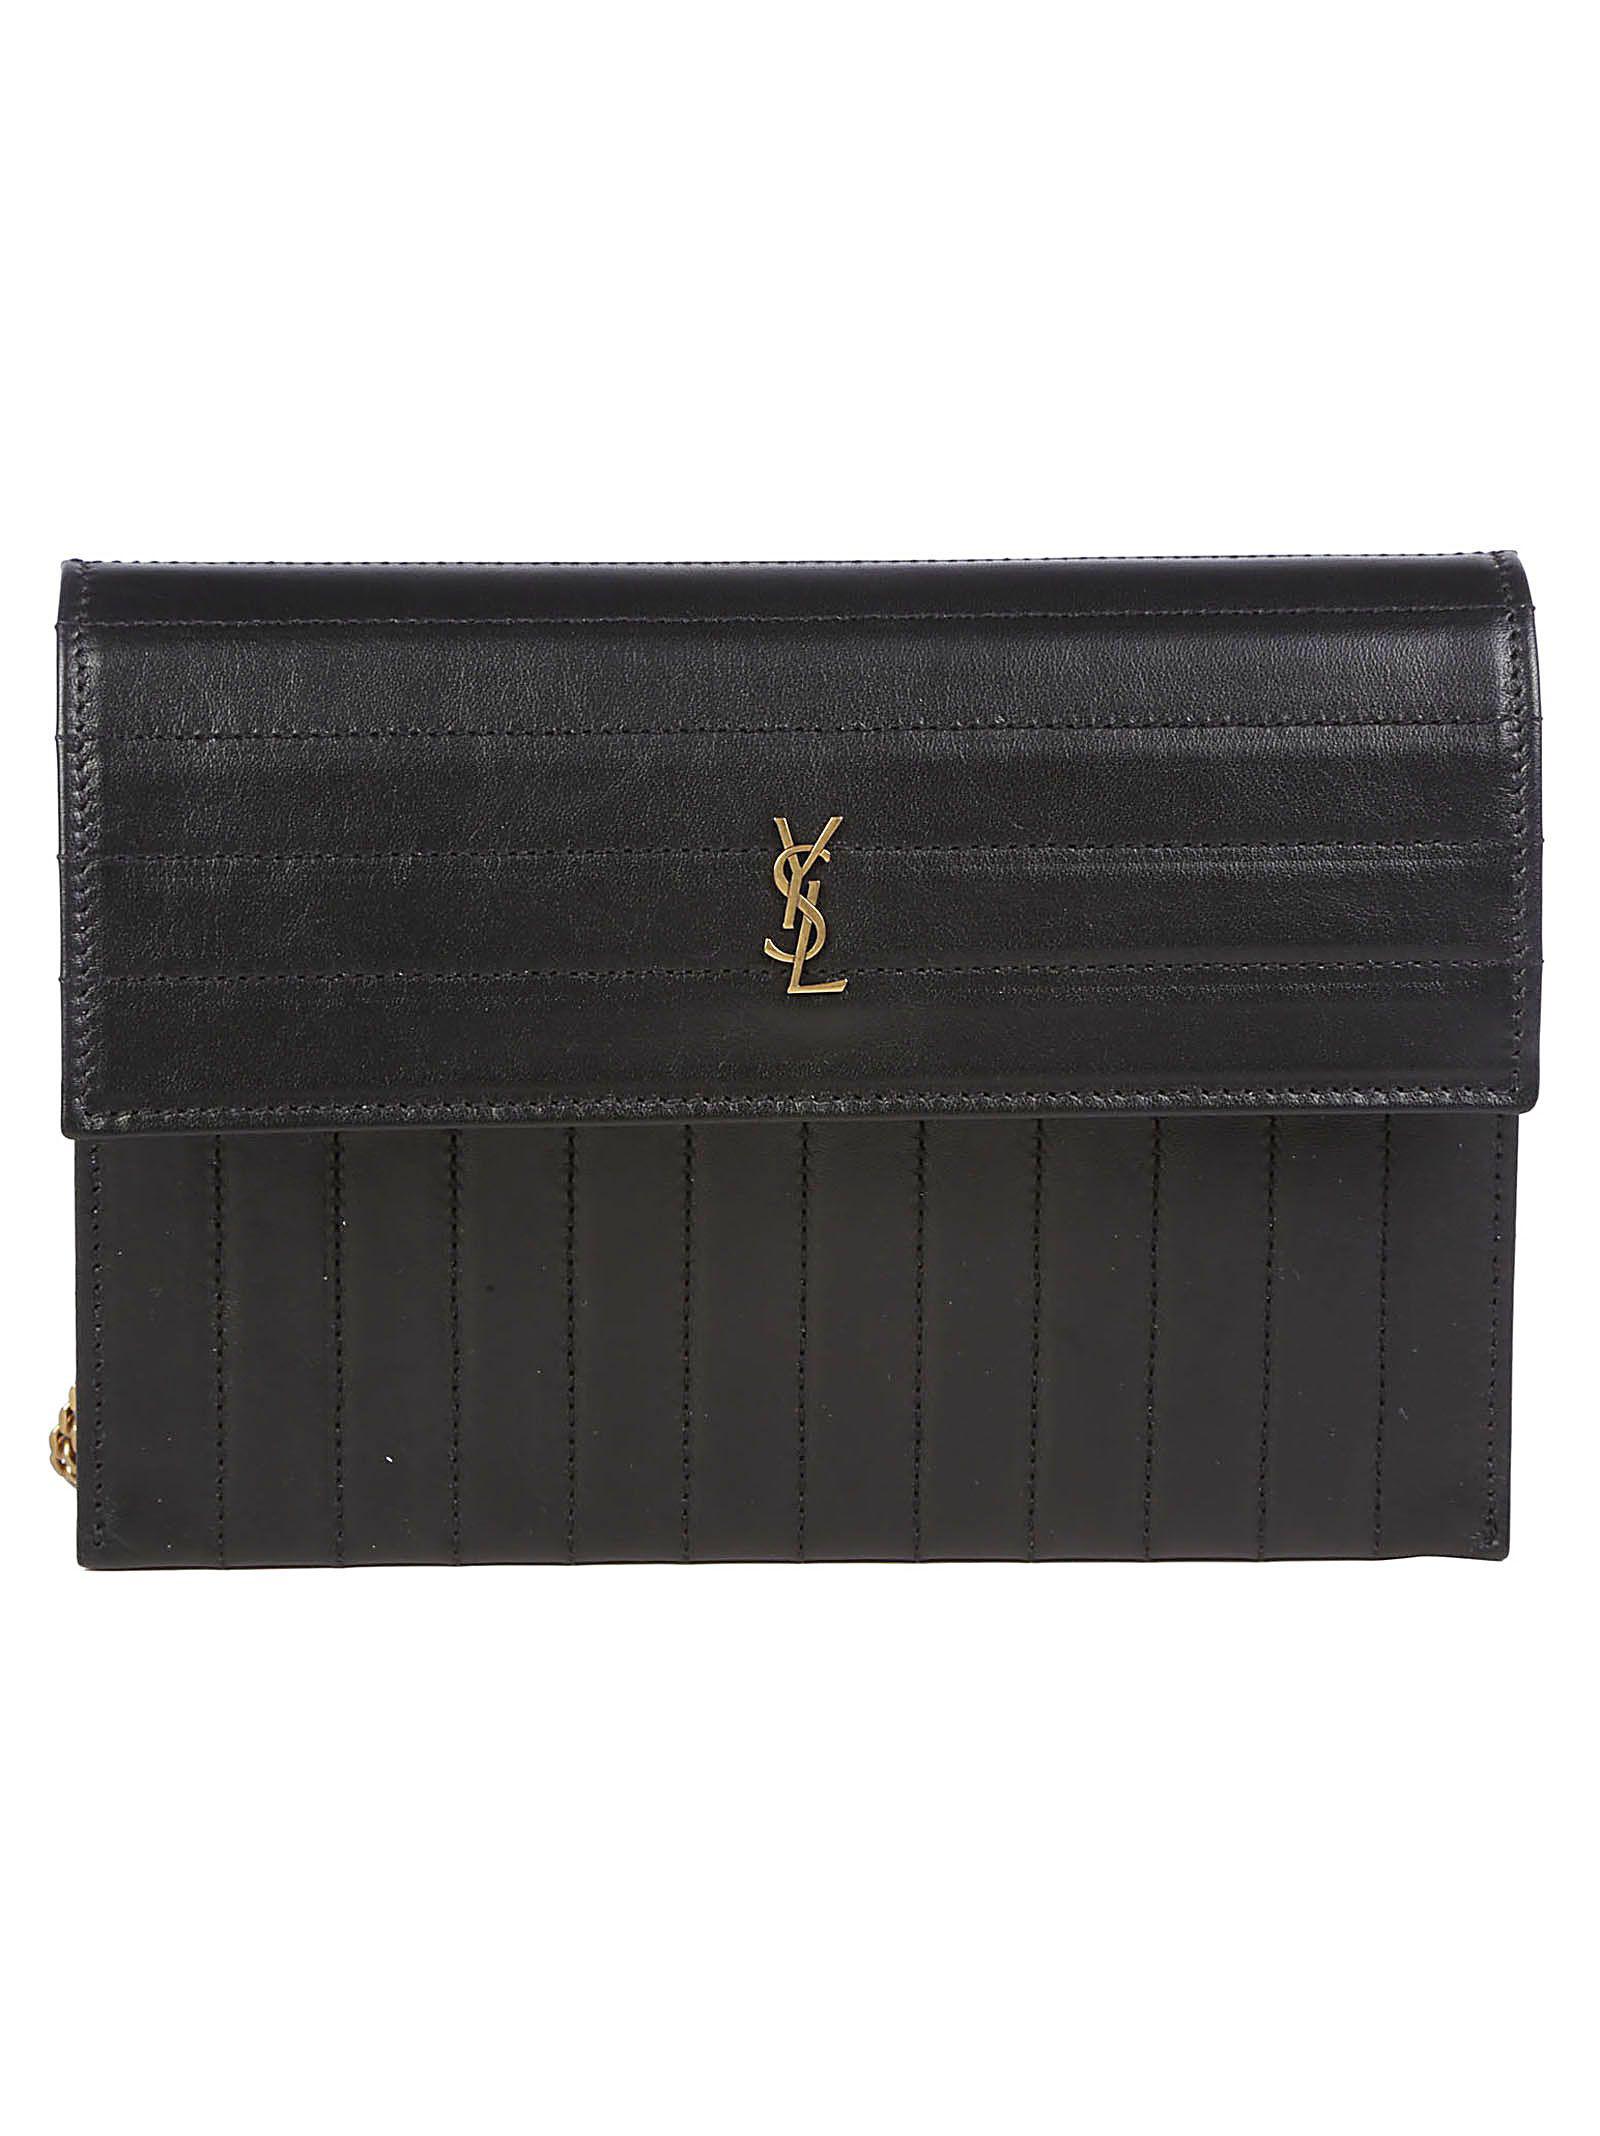 964ea11e27d Saint Laurent Chain Wallet In Nero | ModeSens